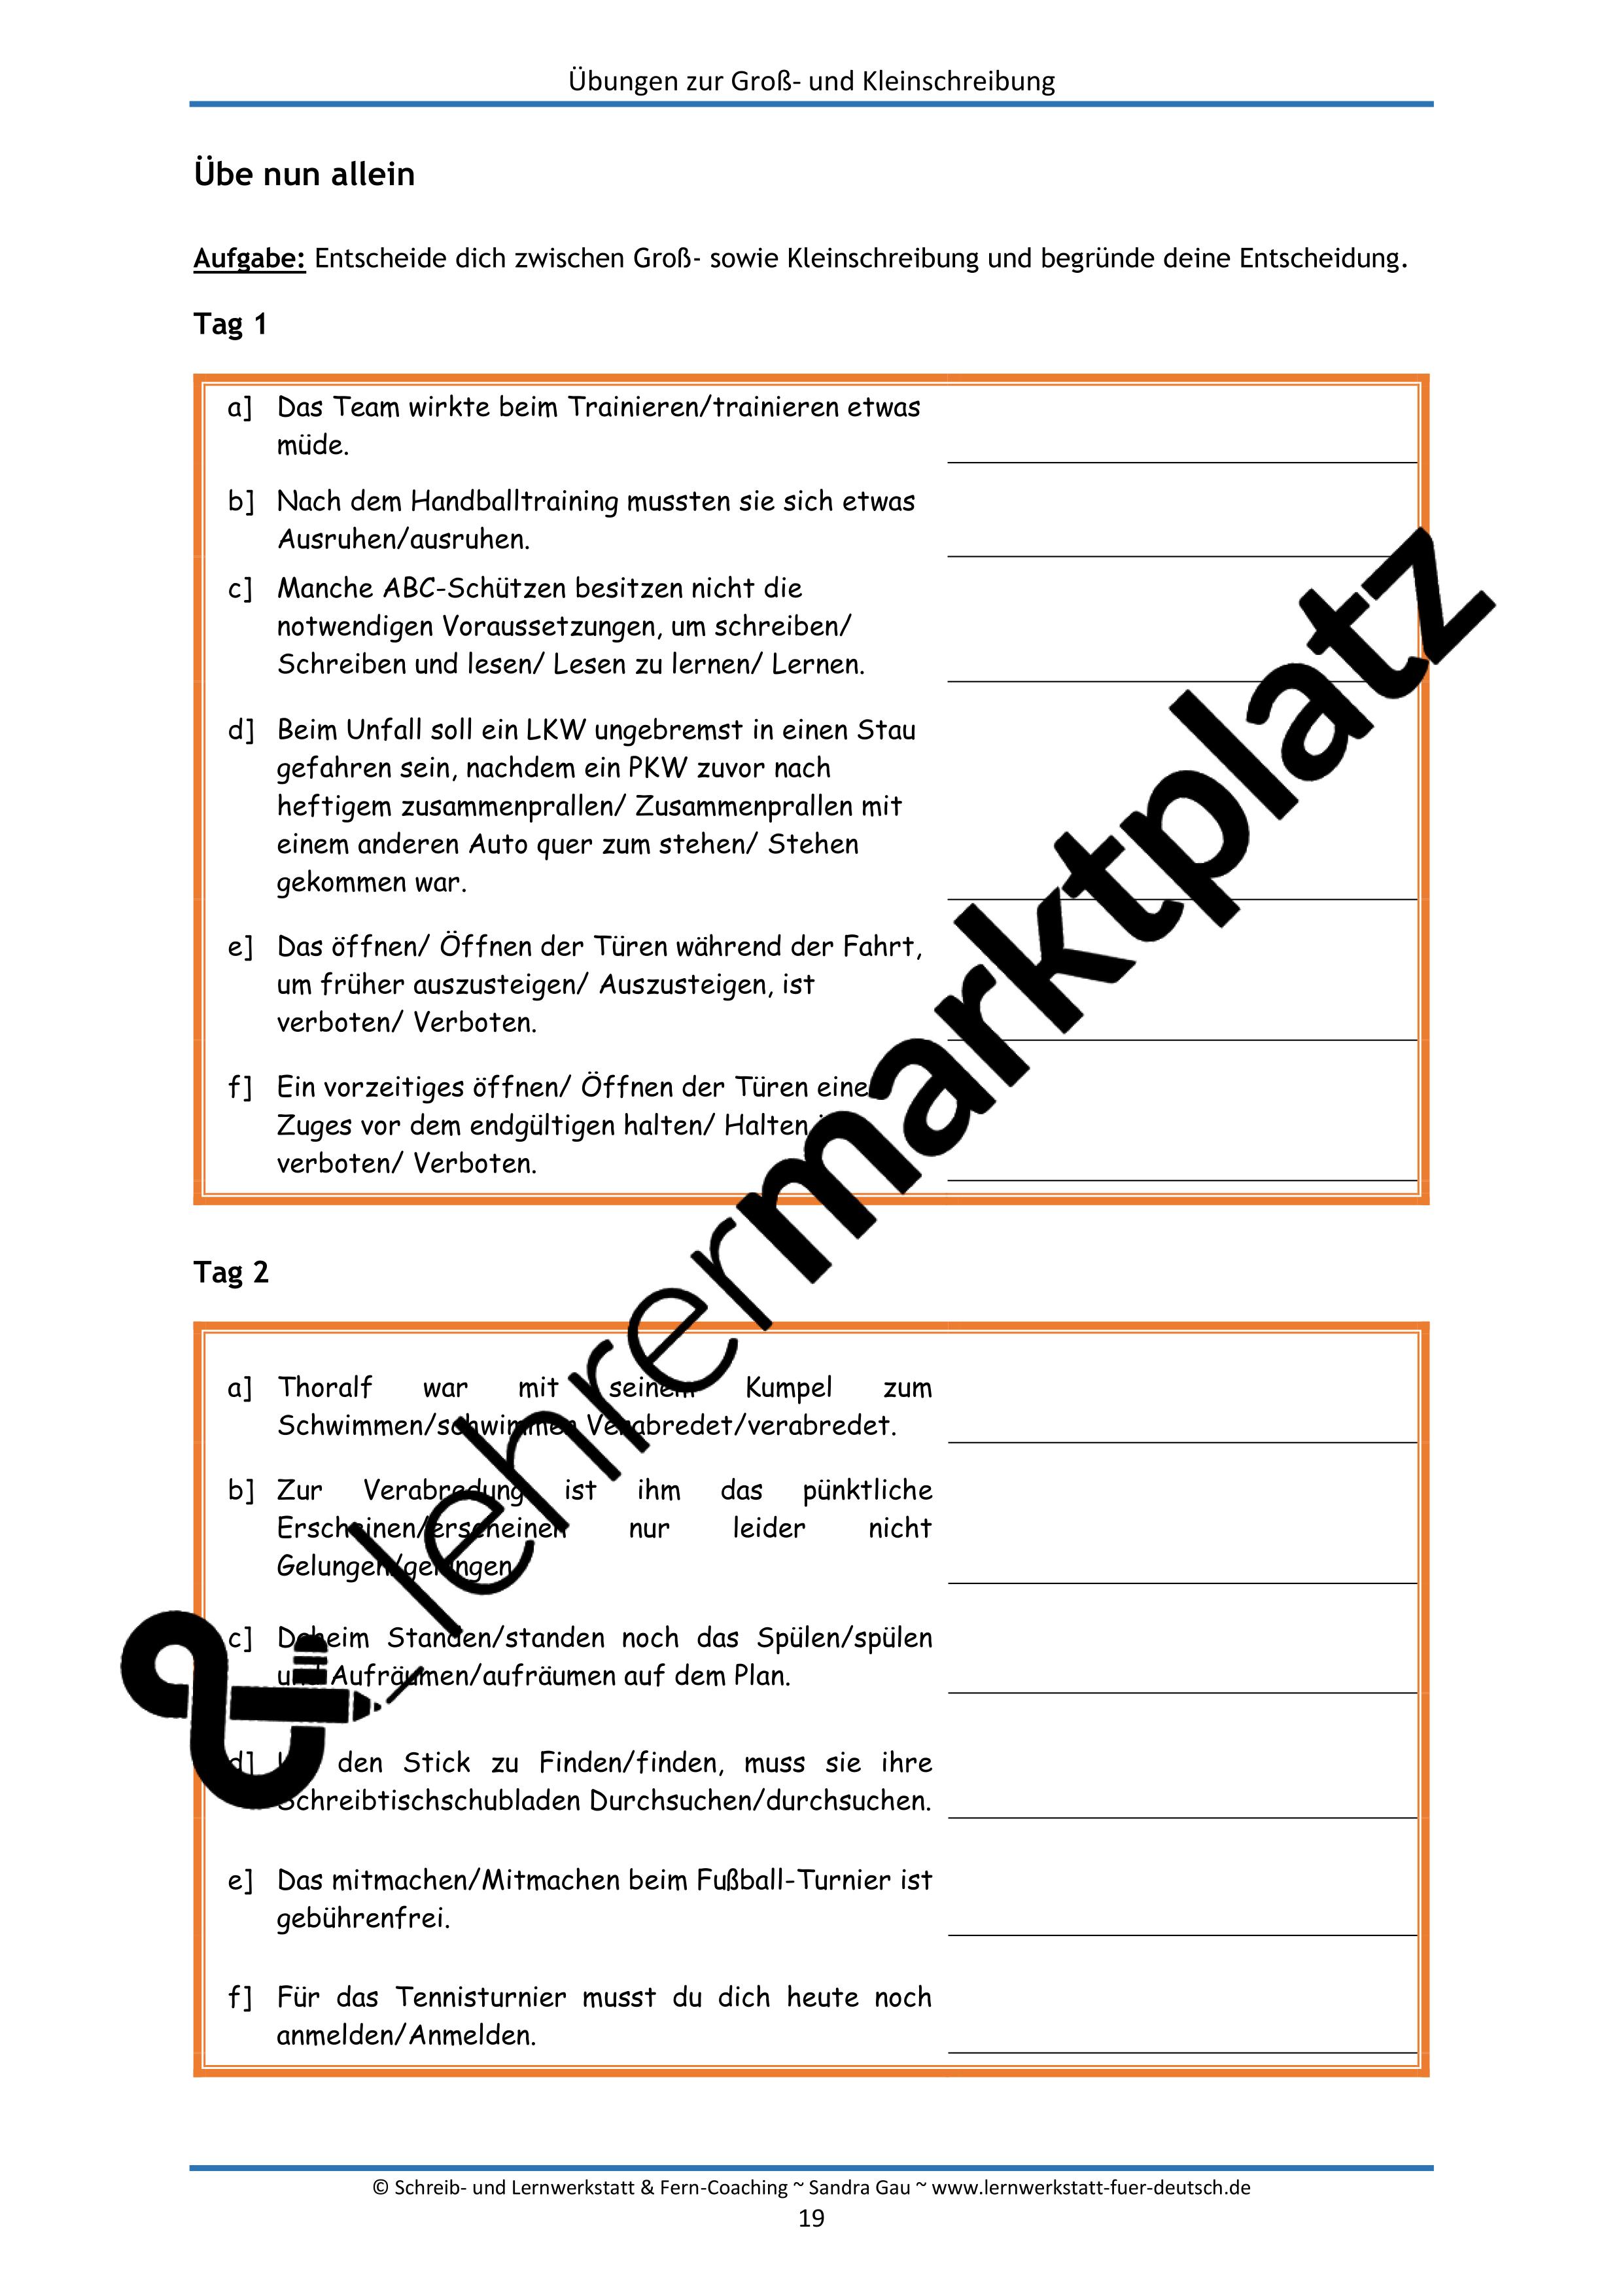 Übungen zur Groß- und Kleinschreibung – Unterrichtsmaterial in den ...